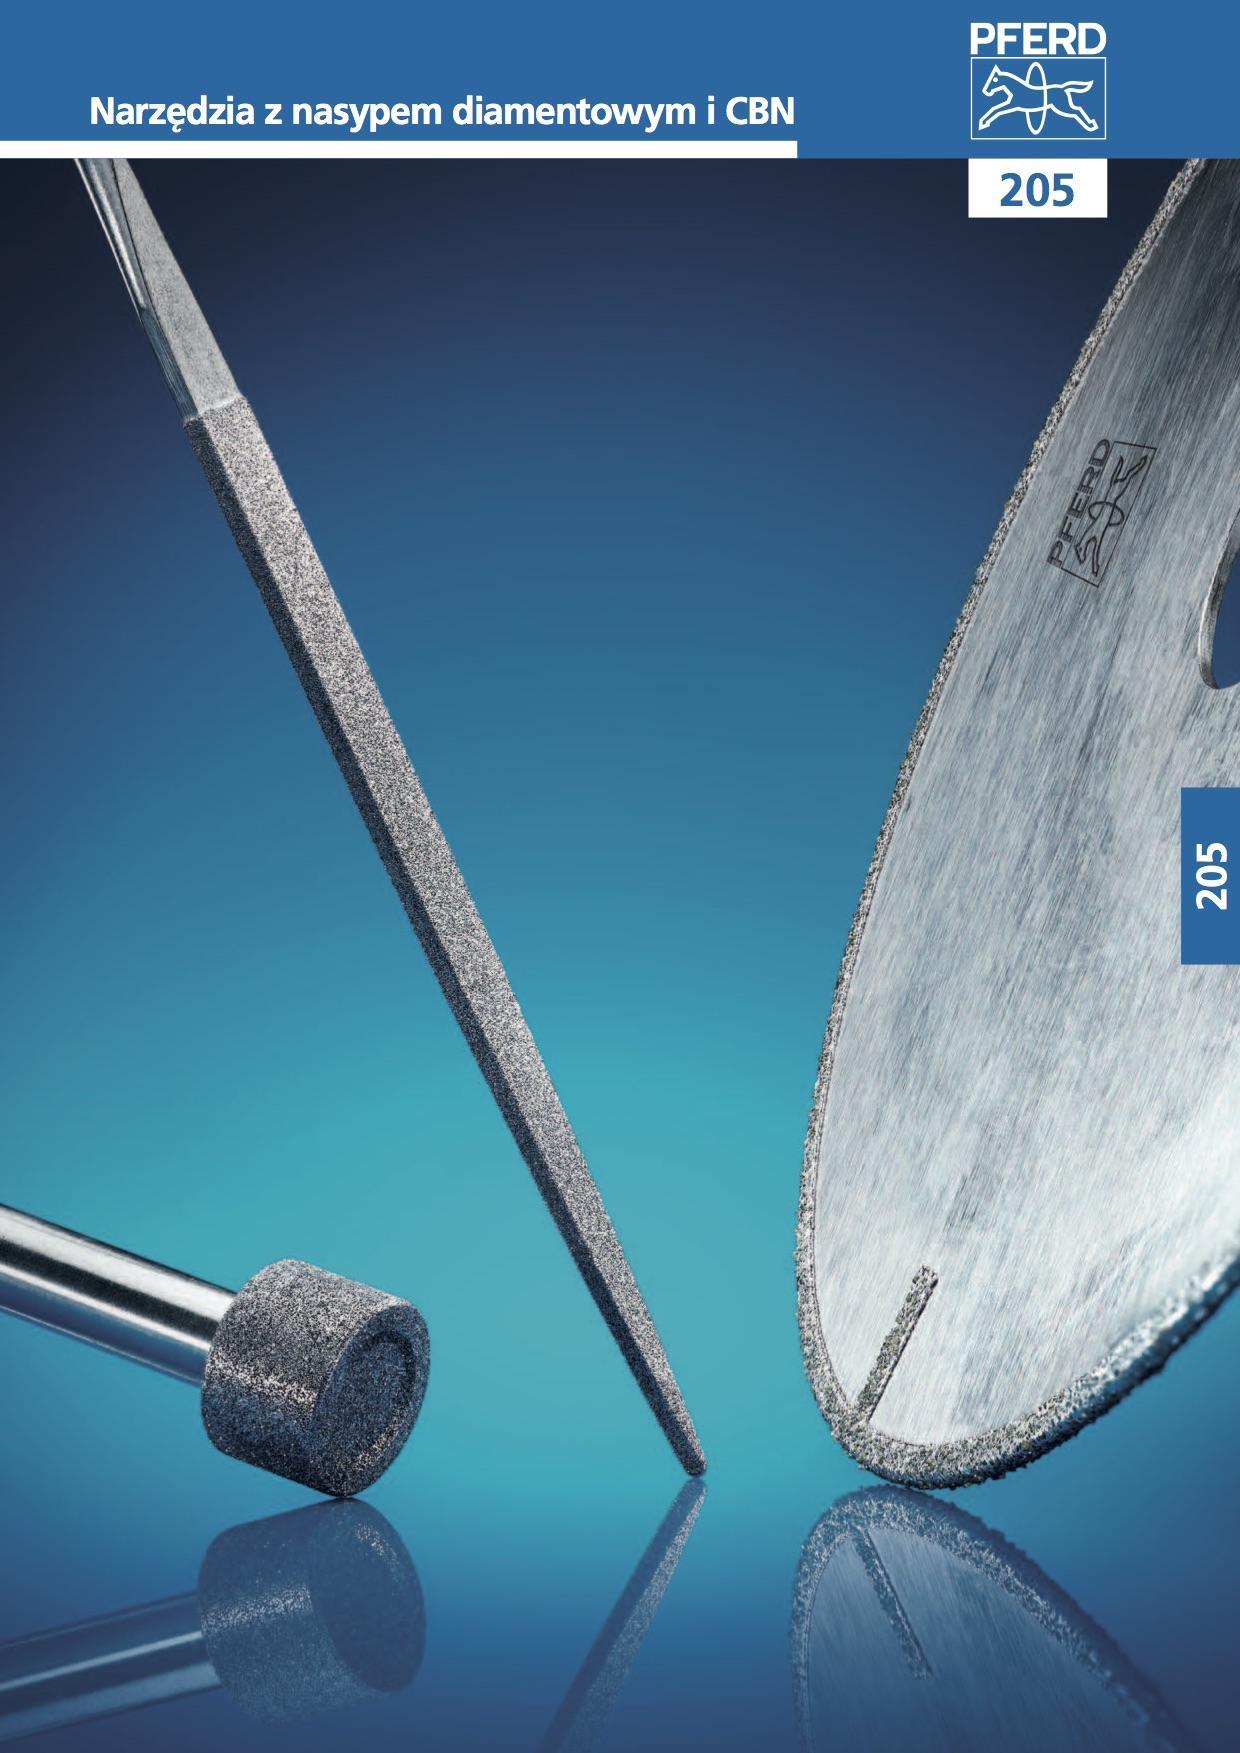 205 Narzędzia z nasypem diamentowym i CBN